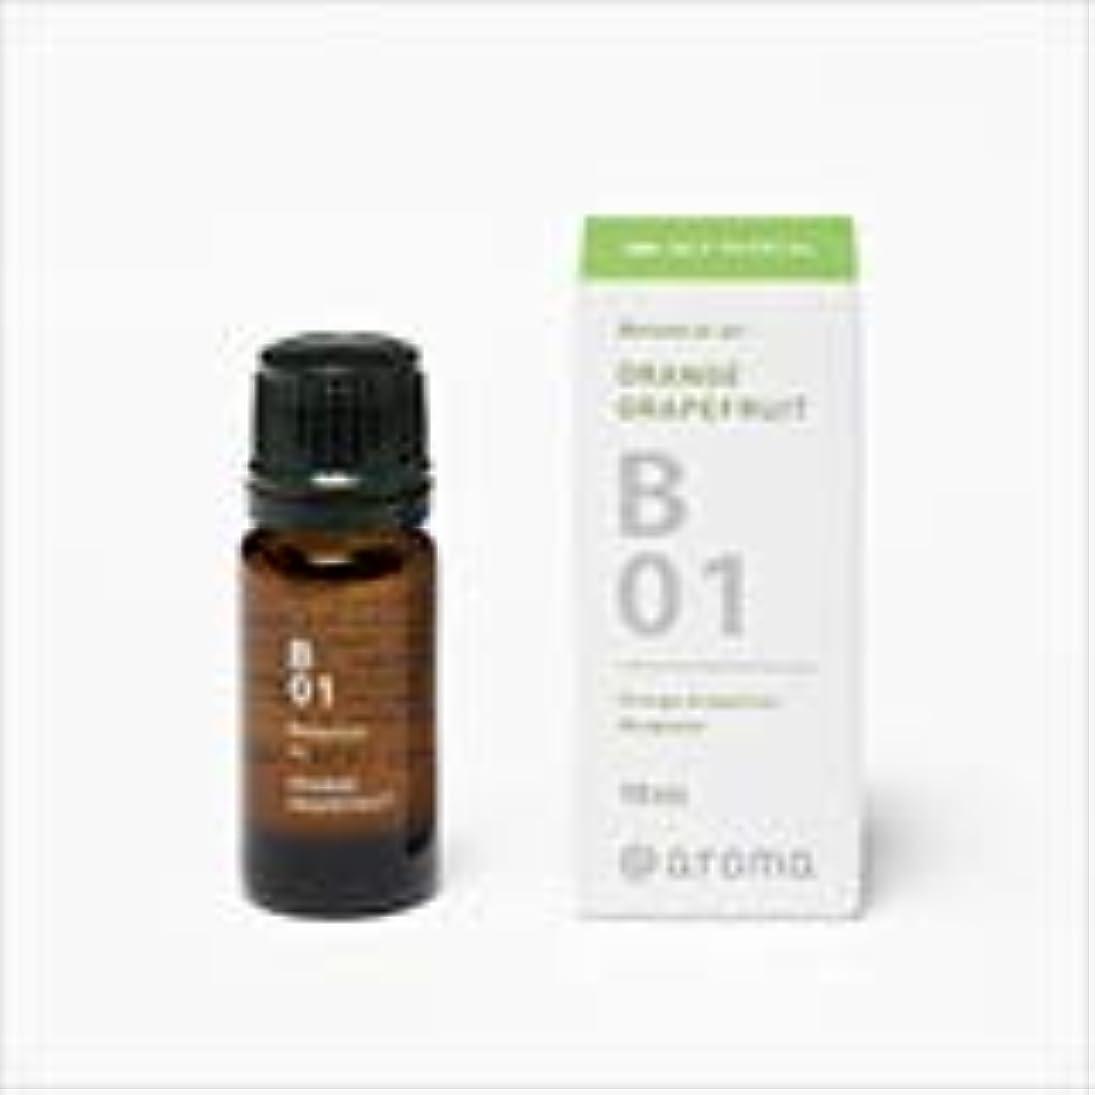 素晴らしきパラナ川ミュートアットアロマ 100%pure essential oil <Botanical air ラベンダーティートリー>